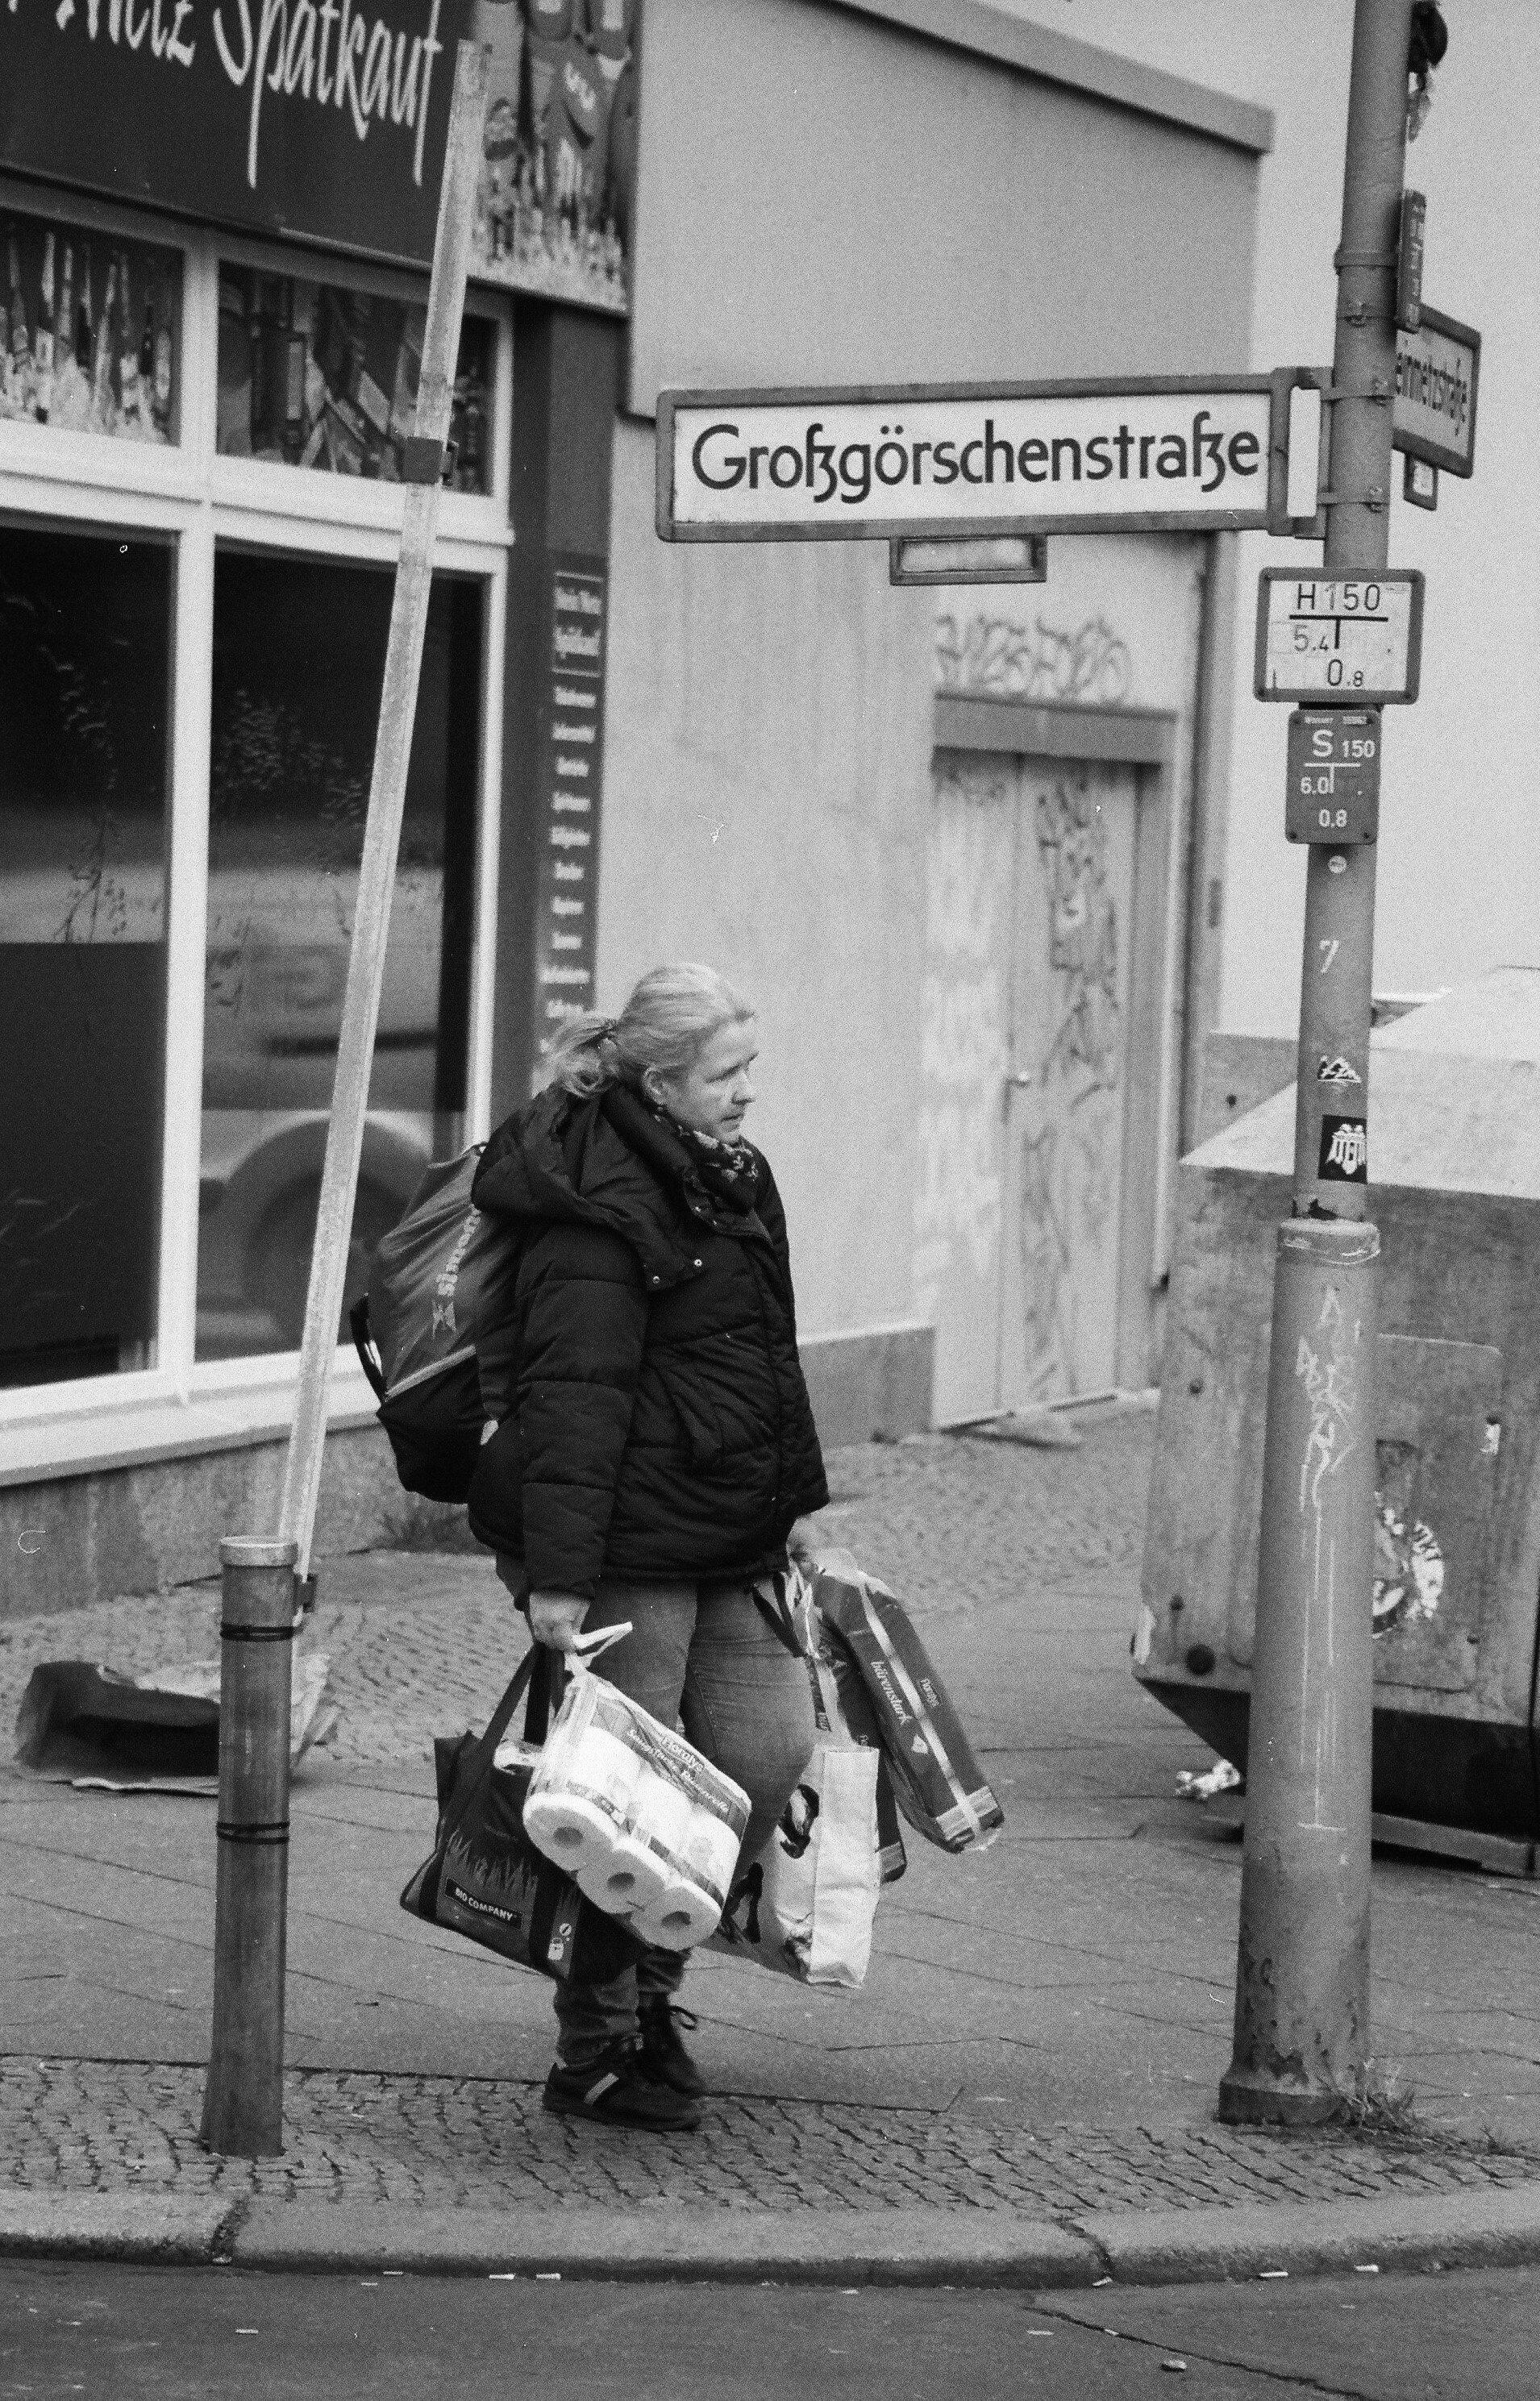 Eine voll bepackte Frau trägt zusätzlich zu den Einkaufstaschen eine Packung Toilettenpapier an jeder Hand.